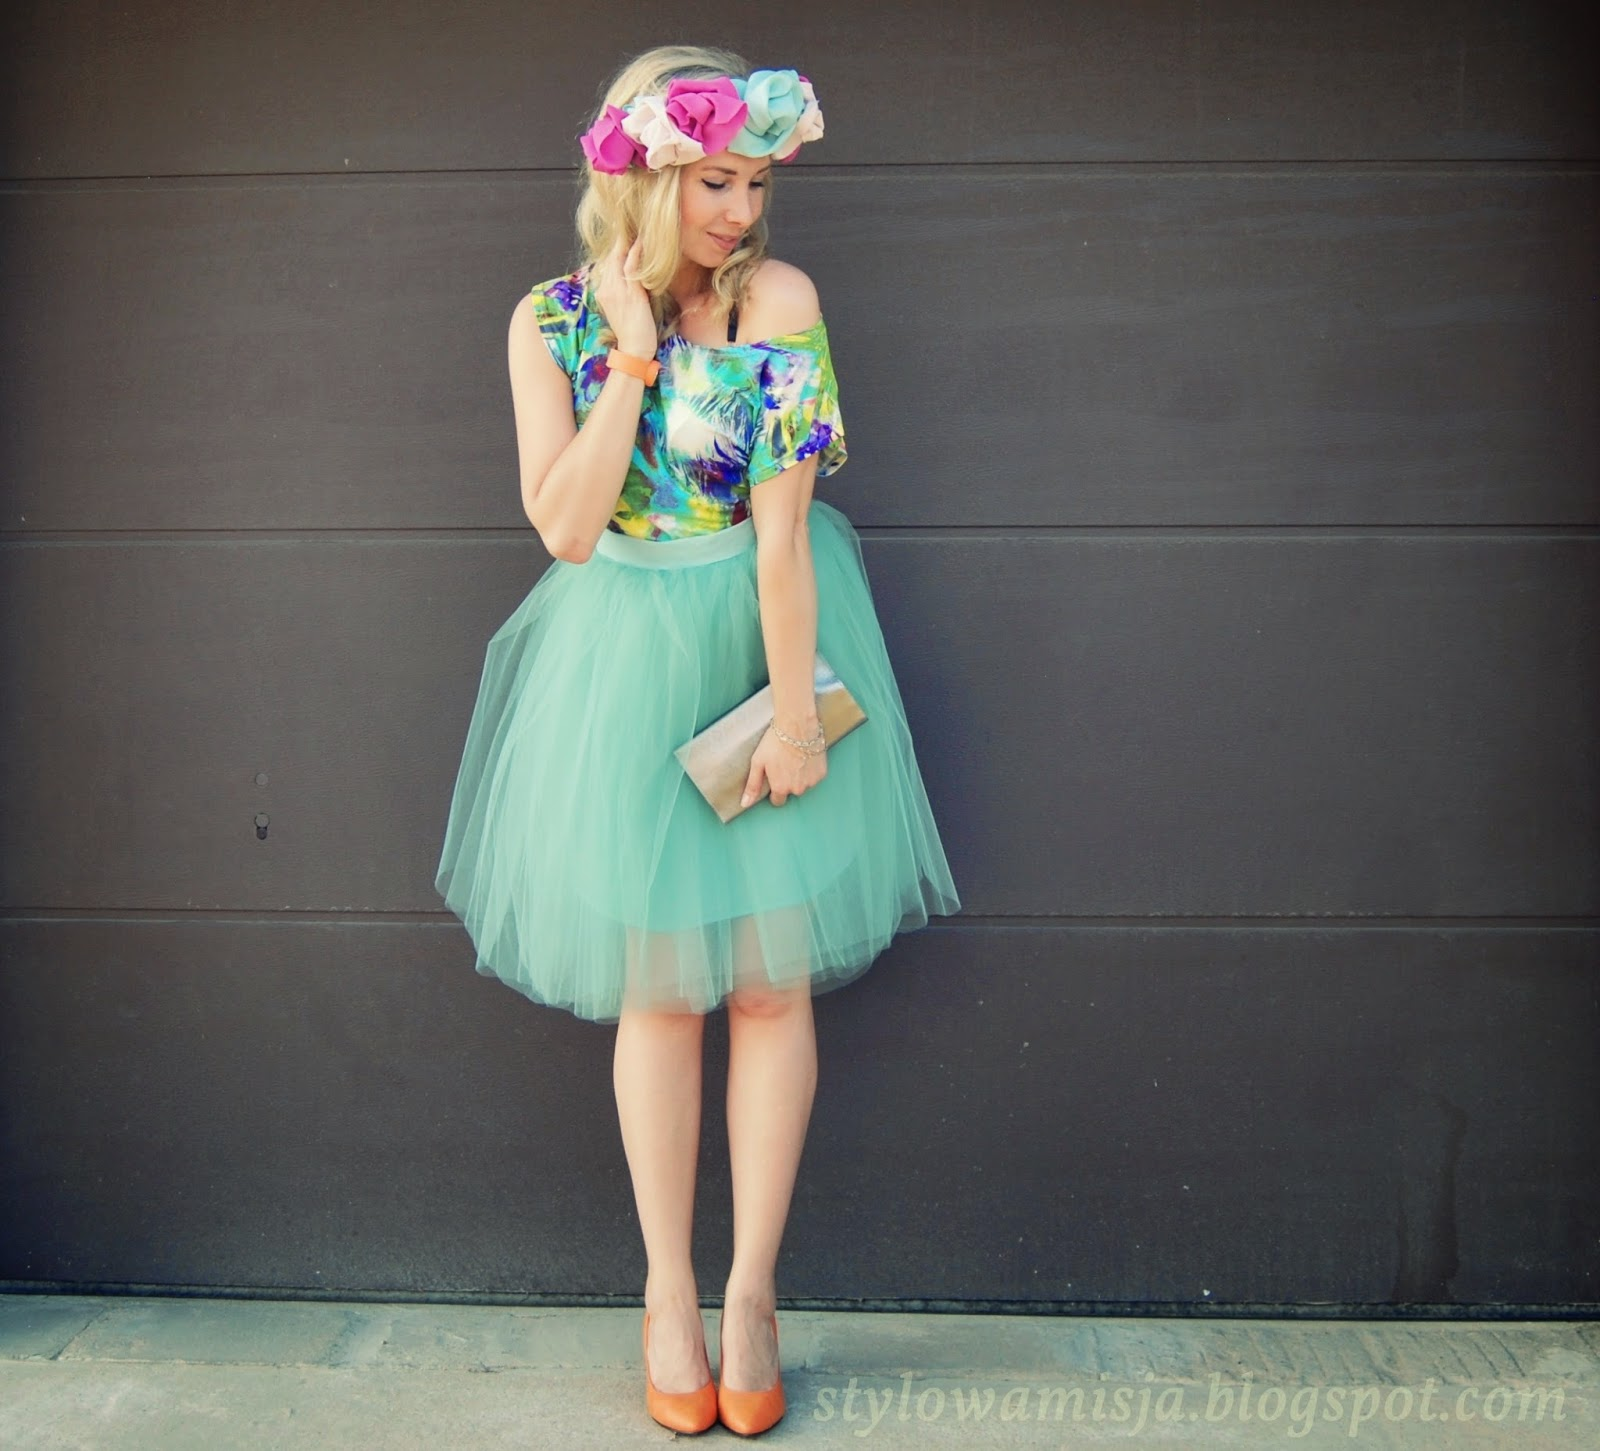 wianek, moda, stylizacja, kolorowo